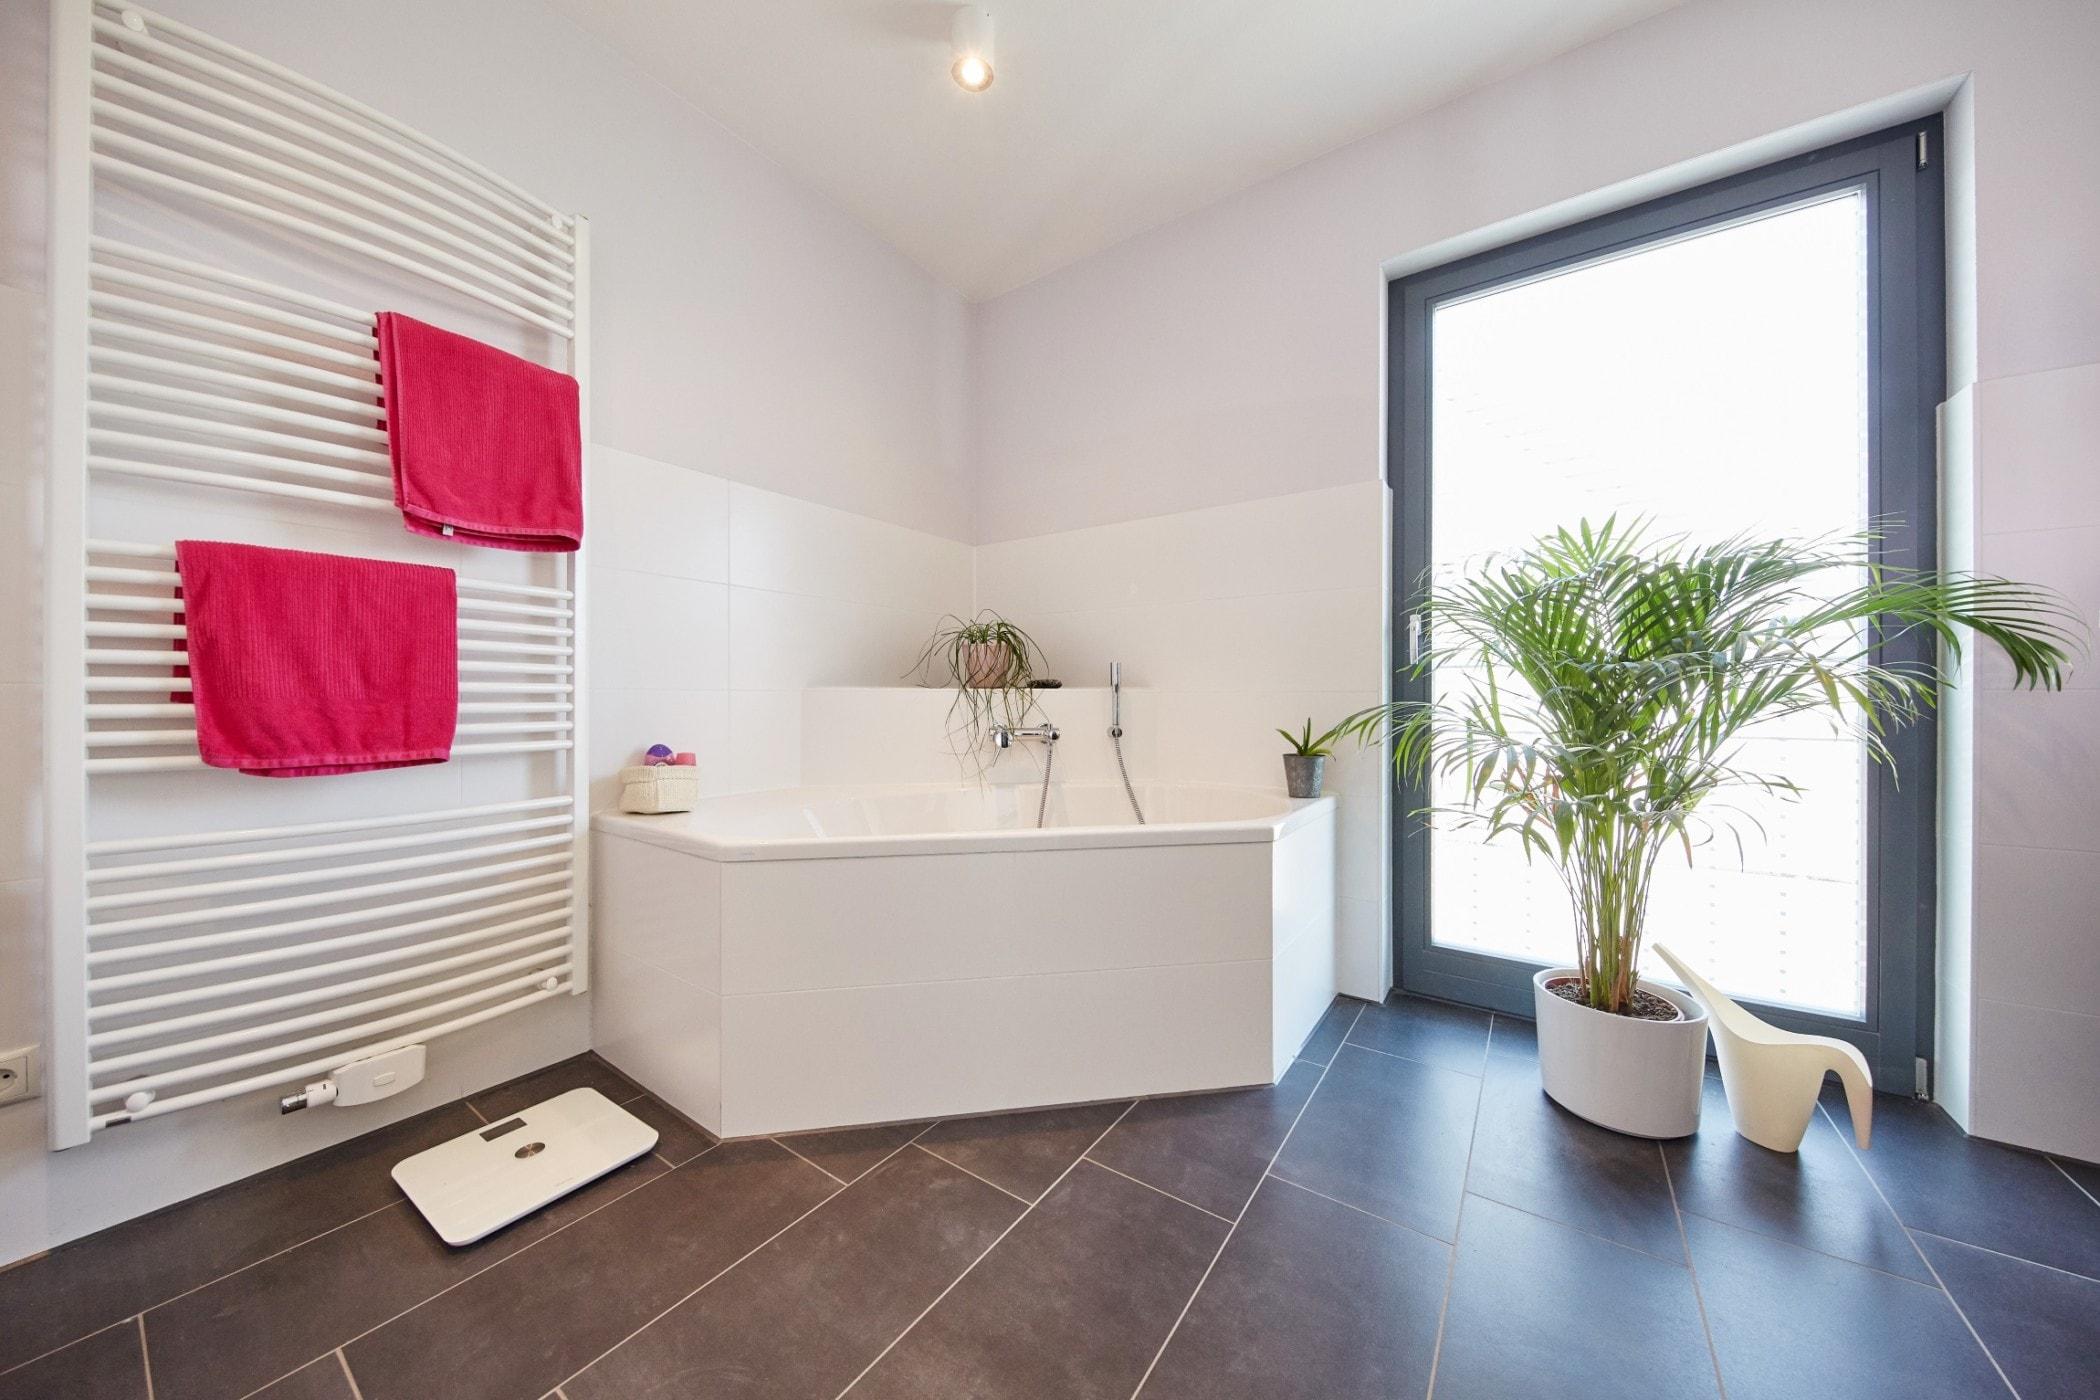 Badezimmer mit Eckbadewanne - Inneneinrichtung Ideen Fertighaus Bungalow GUSSEK HAUS Salamanca - HausbauDirekt.de